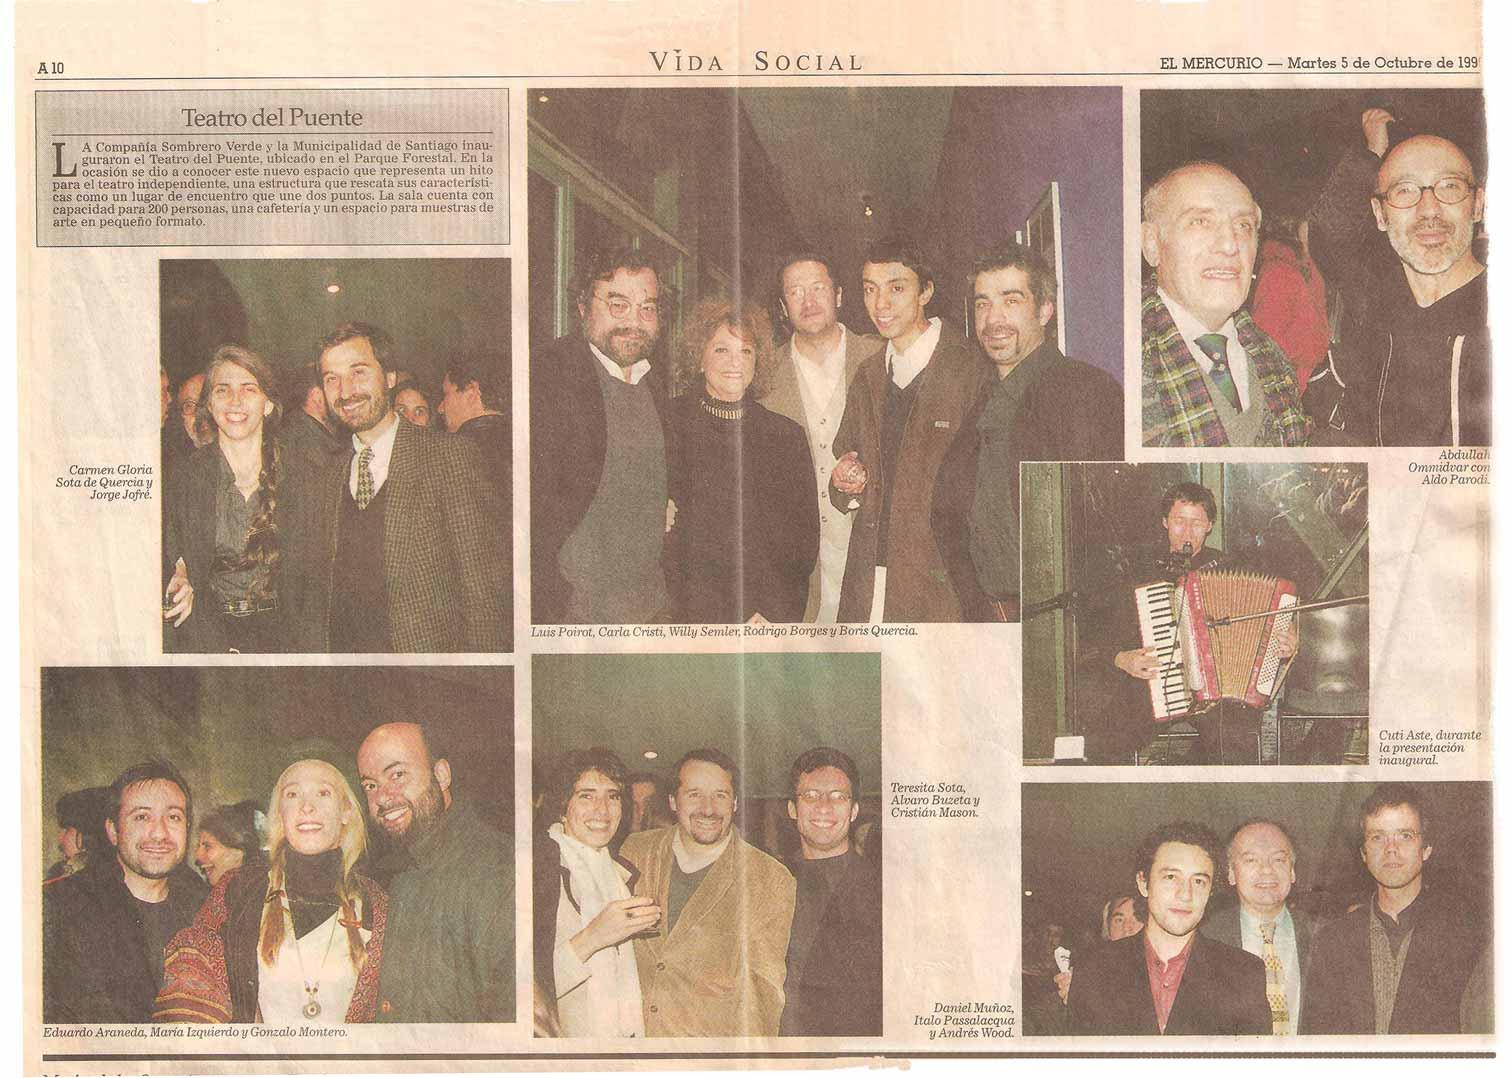 Inauguración 1998 - El Mercurio - martes 5 octubre, 1999